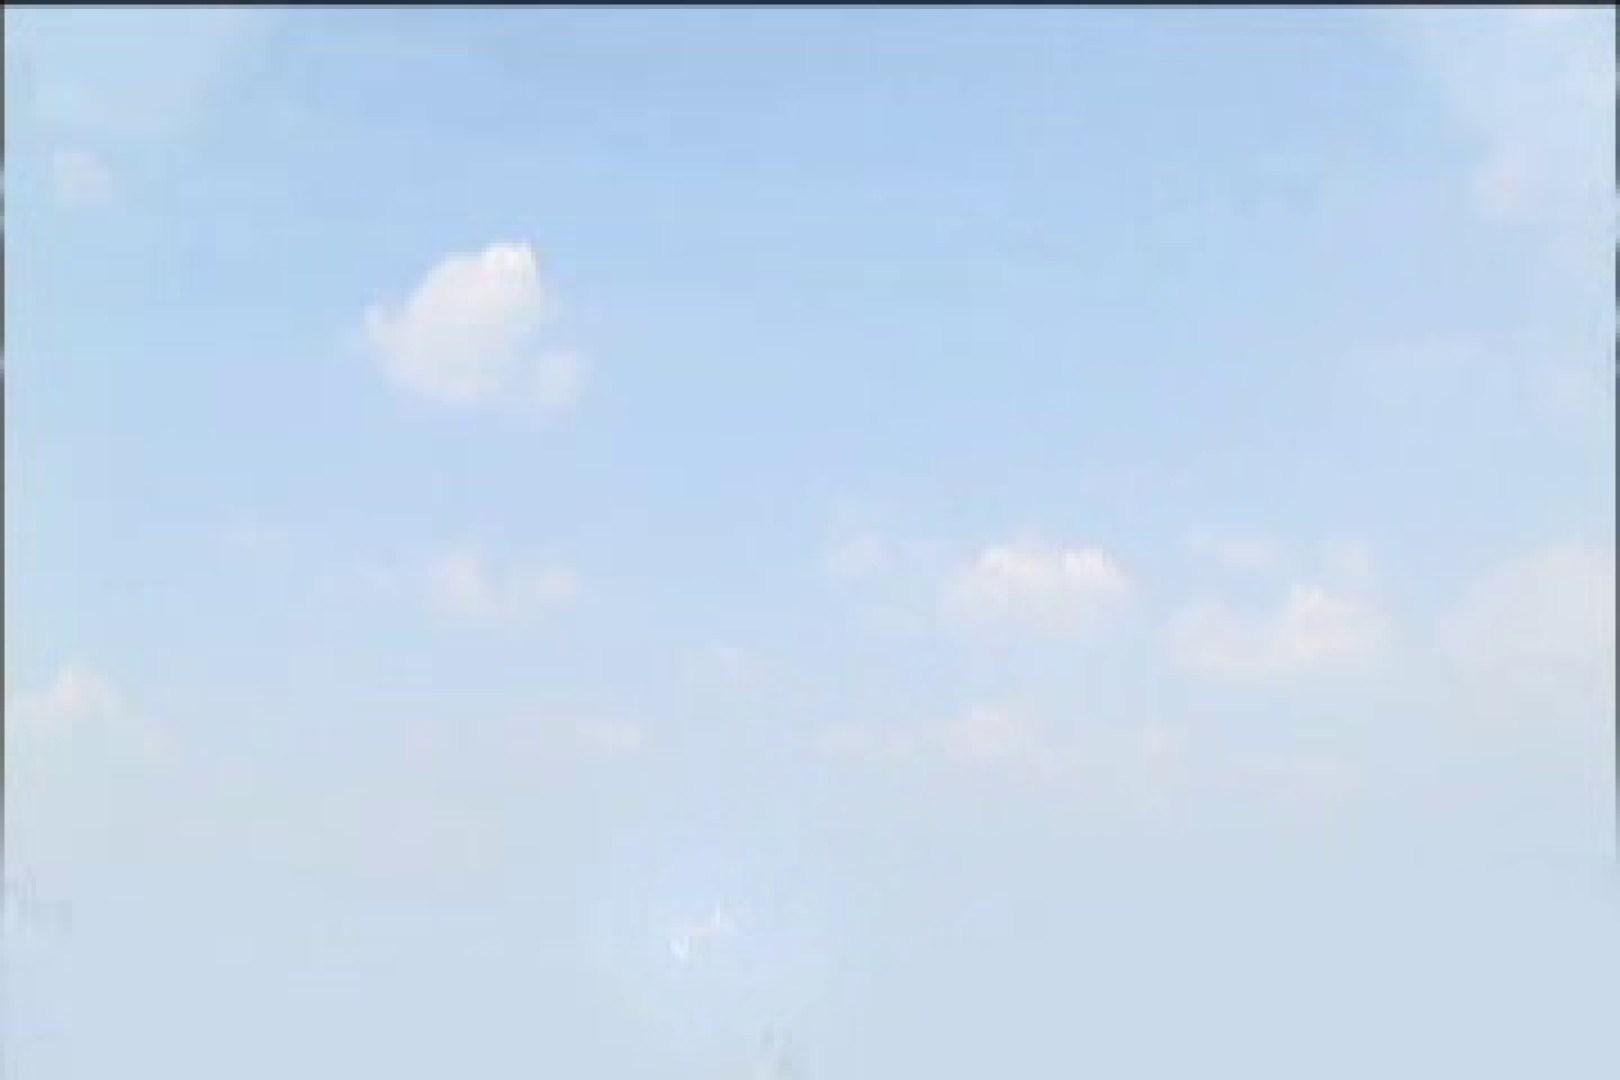 イケメン☆パラダイス〜男ざかりの君たちへ〜vol.38 男の世界 ゲイえろ動画紹介 86画像 2